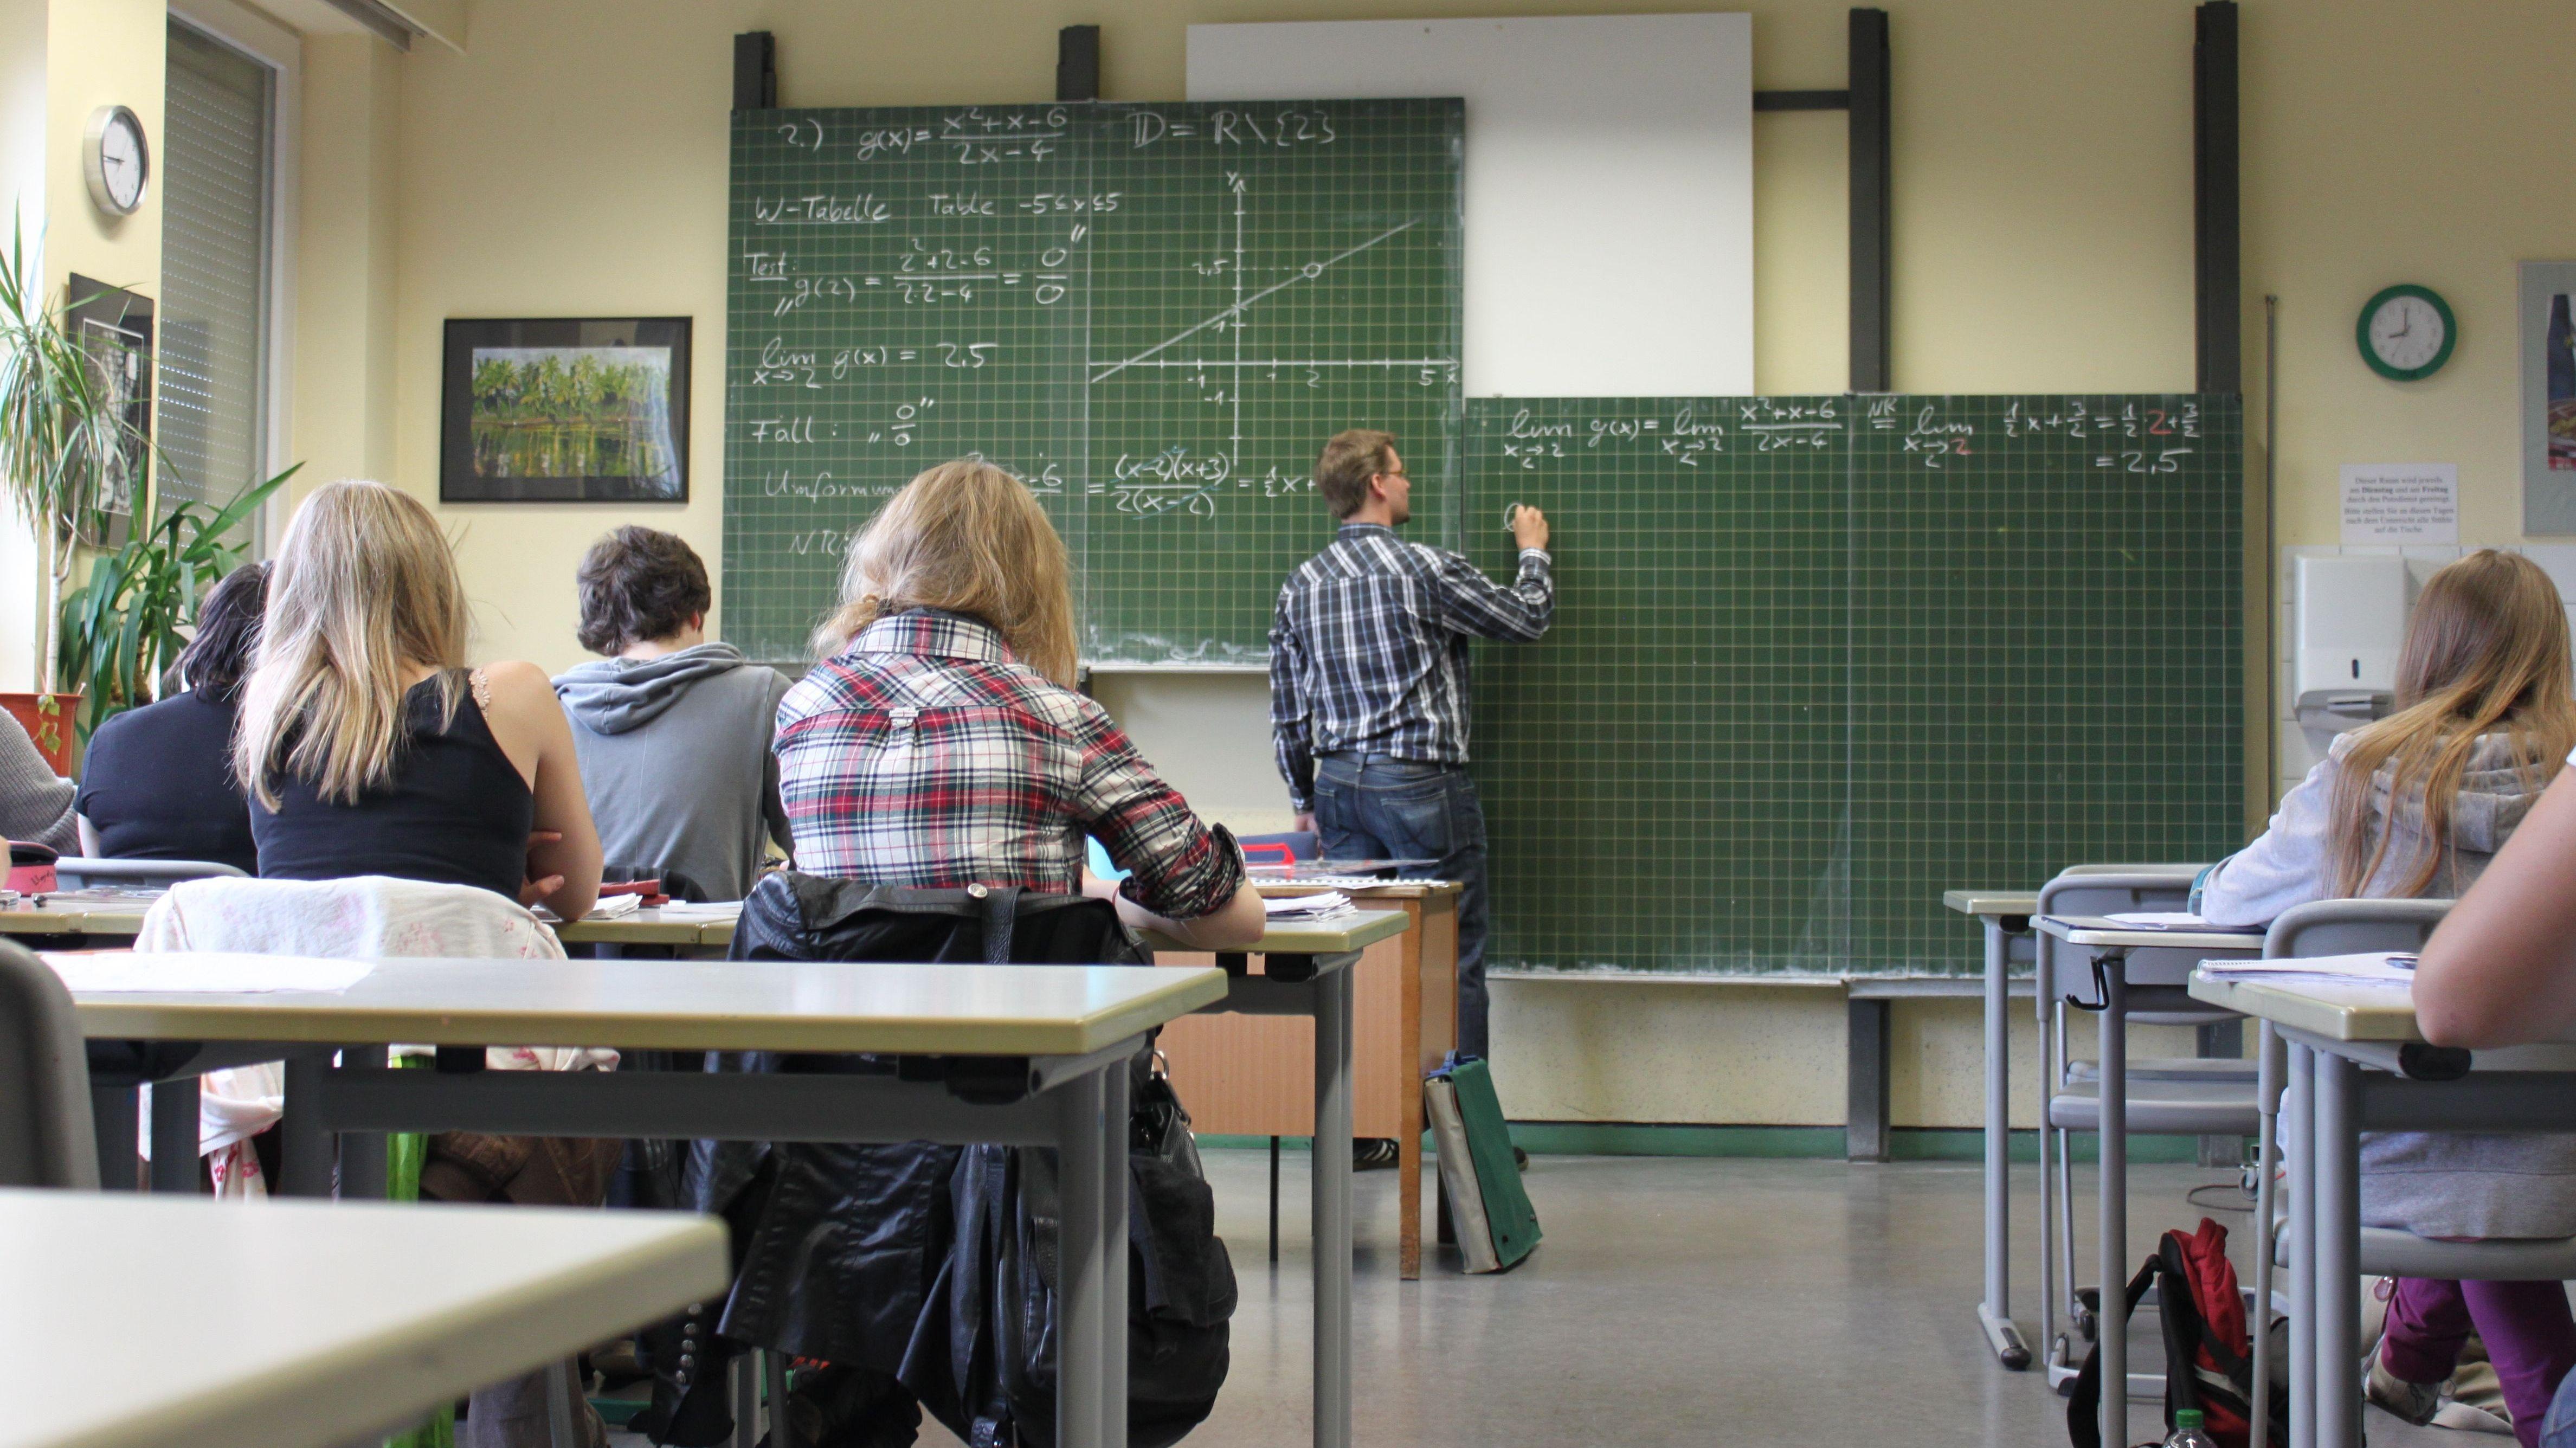 Das Bild zeigt Schülerinnen und Schüler im Teenageralter, die im Mathematikunterricht sitzen. Ein Lehrer schreibt Formeln an die Tafel.